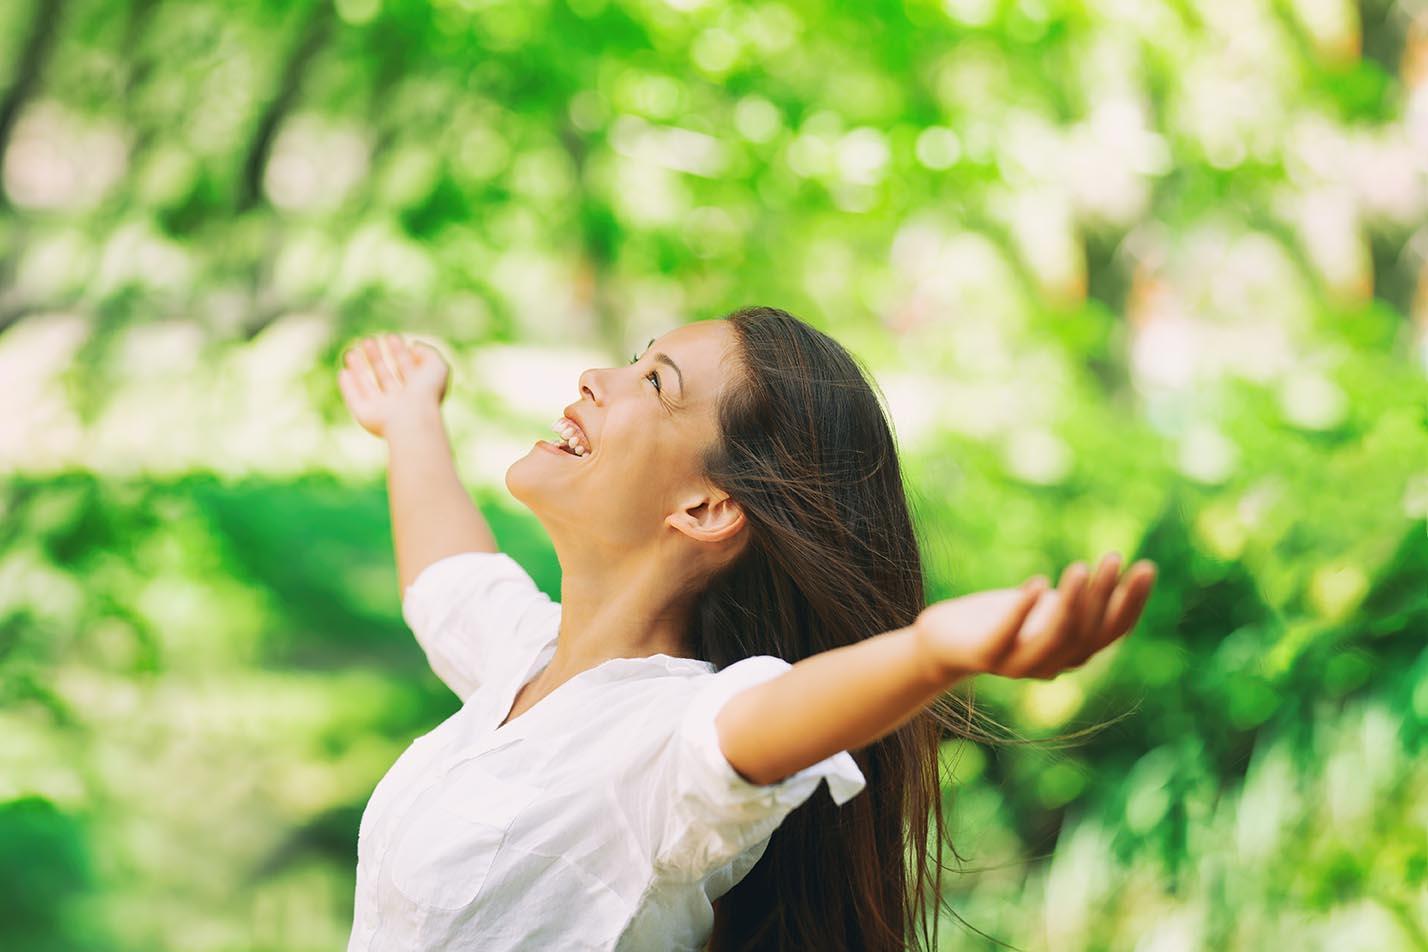 relief from seasonal allergies